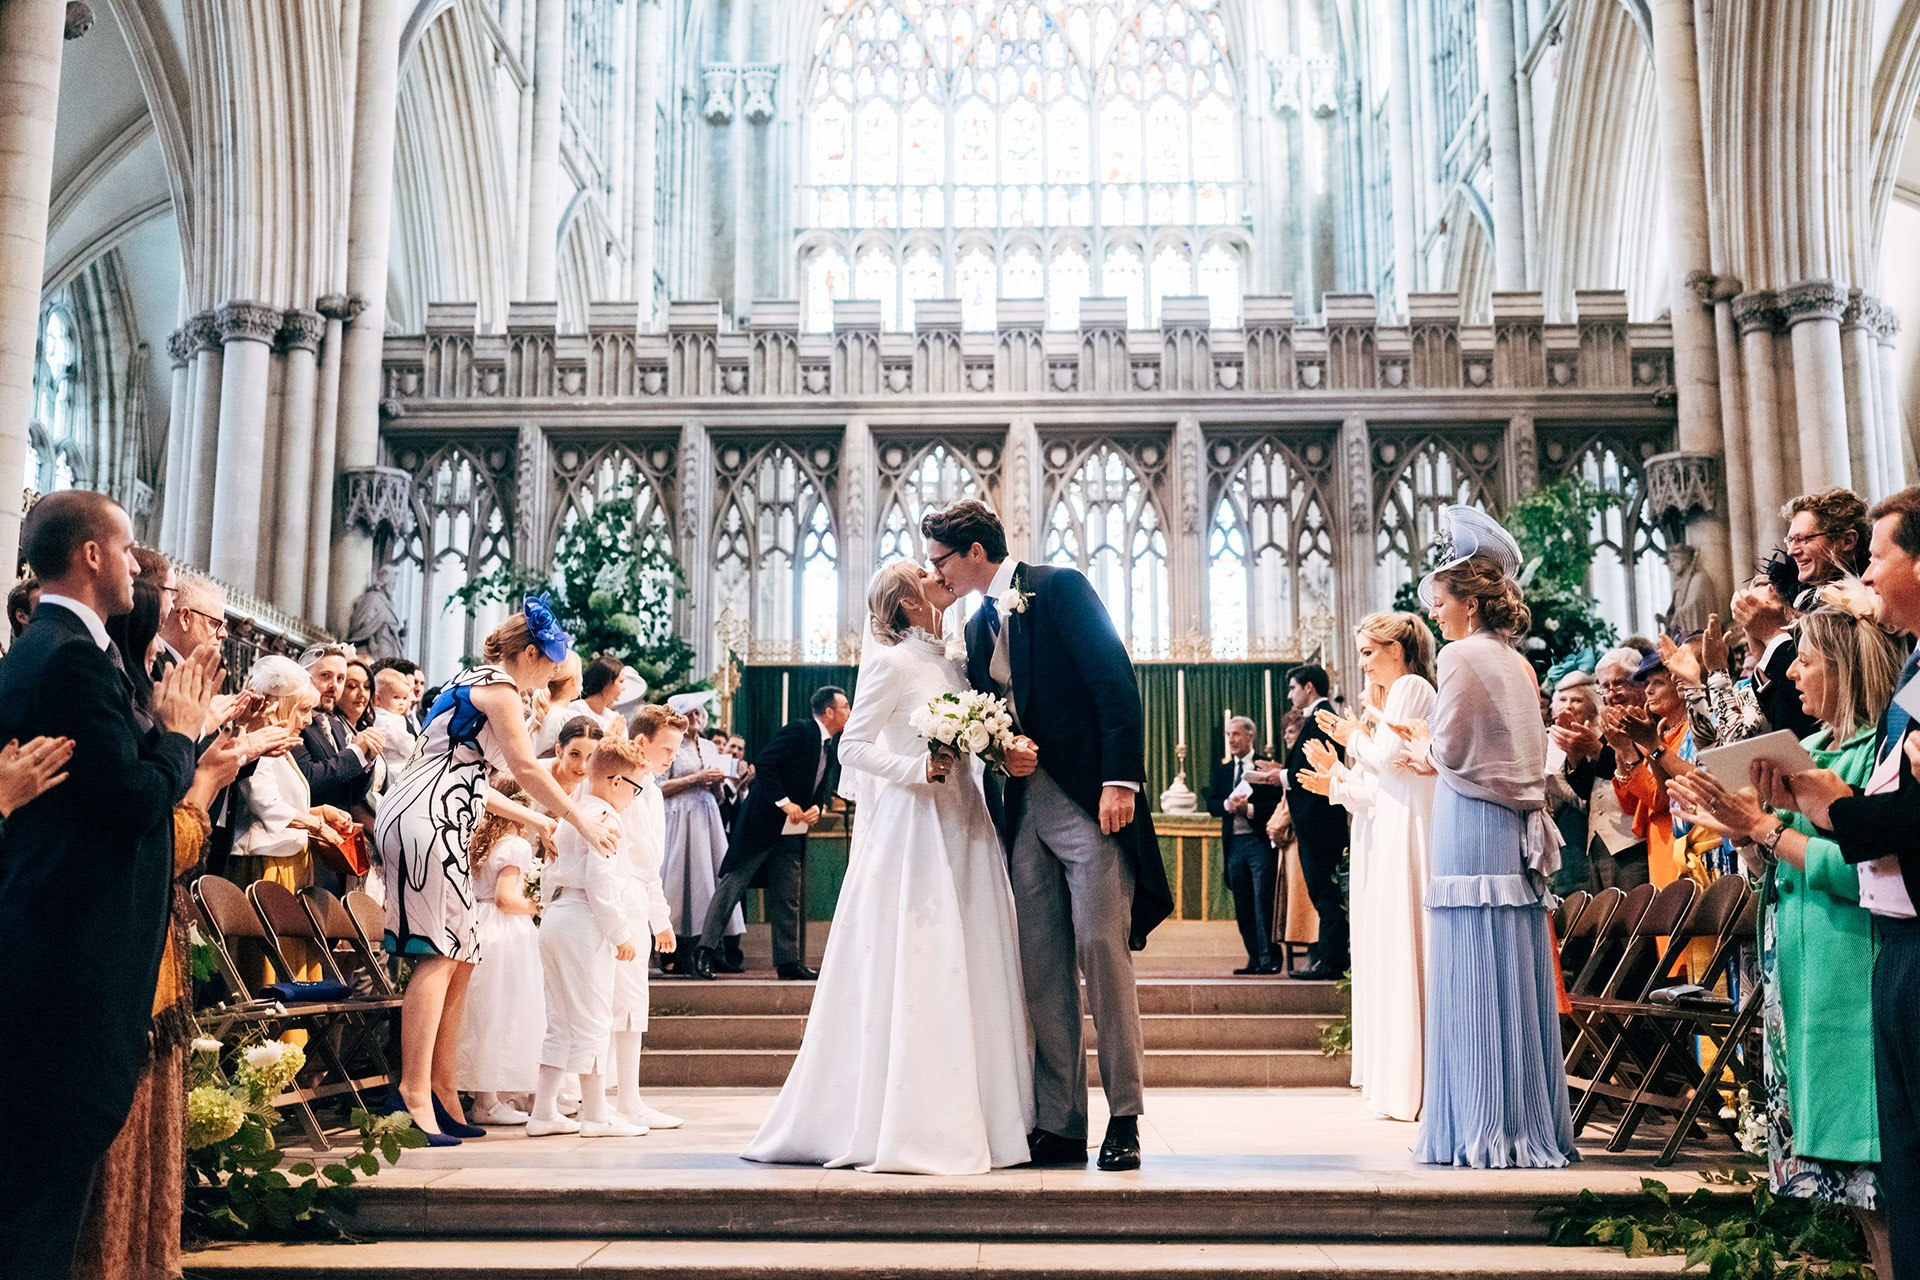 Η Ellie Goulding έκανε τον πιο παραμυθένιο γάμο με τον αγαπημένο της, Caspar Jopling.